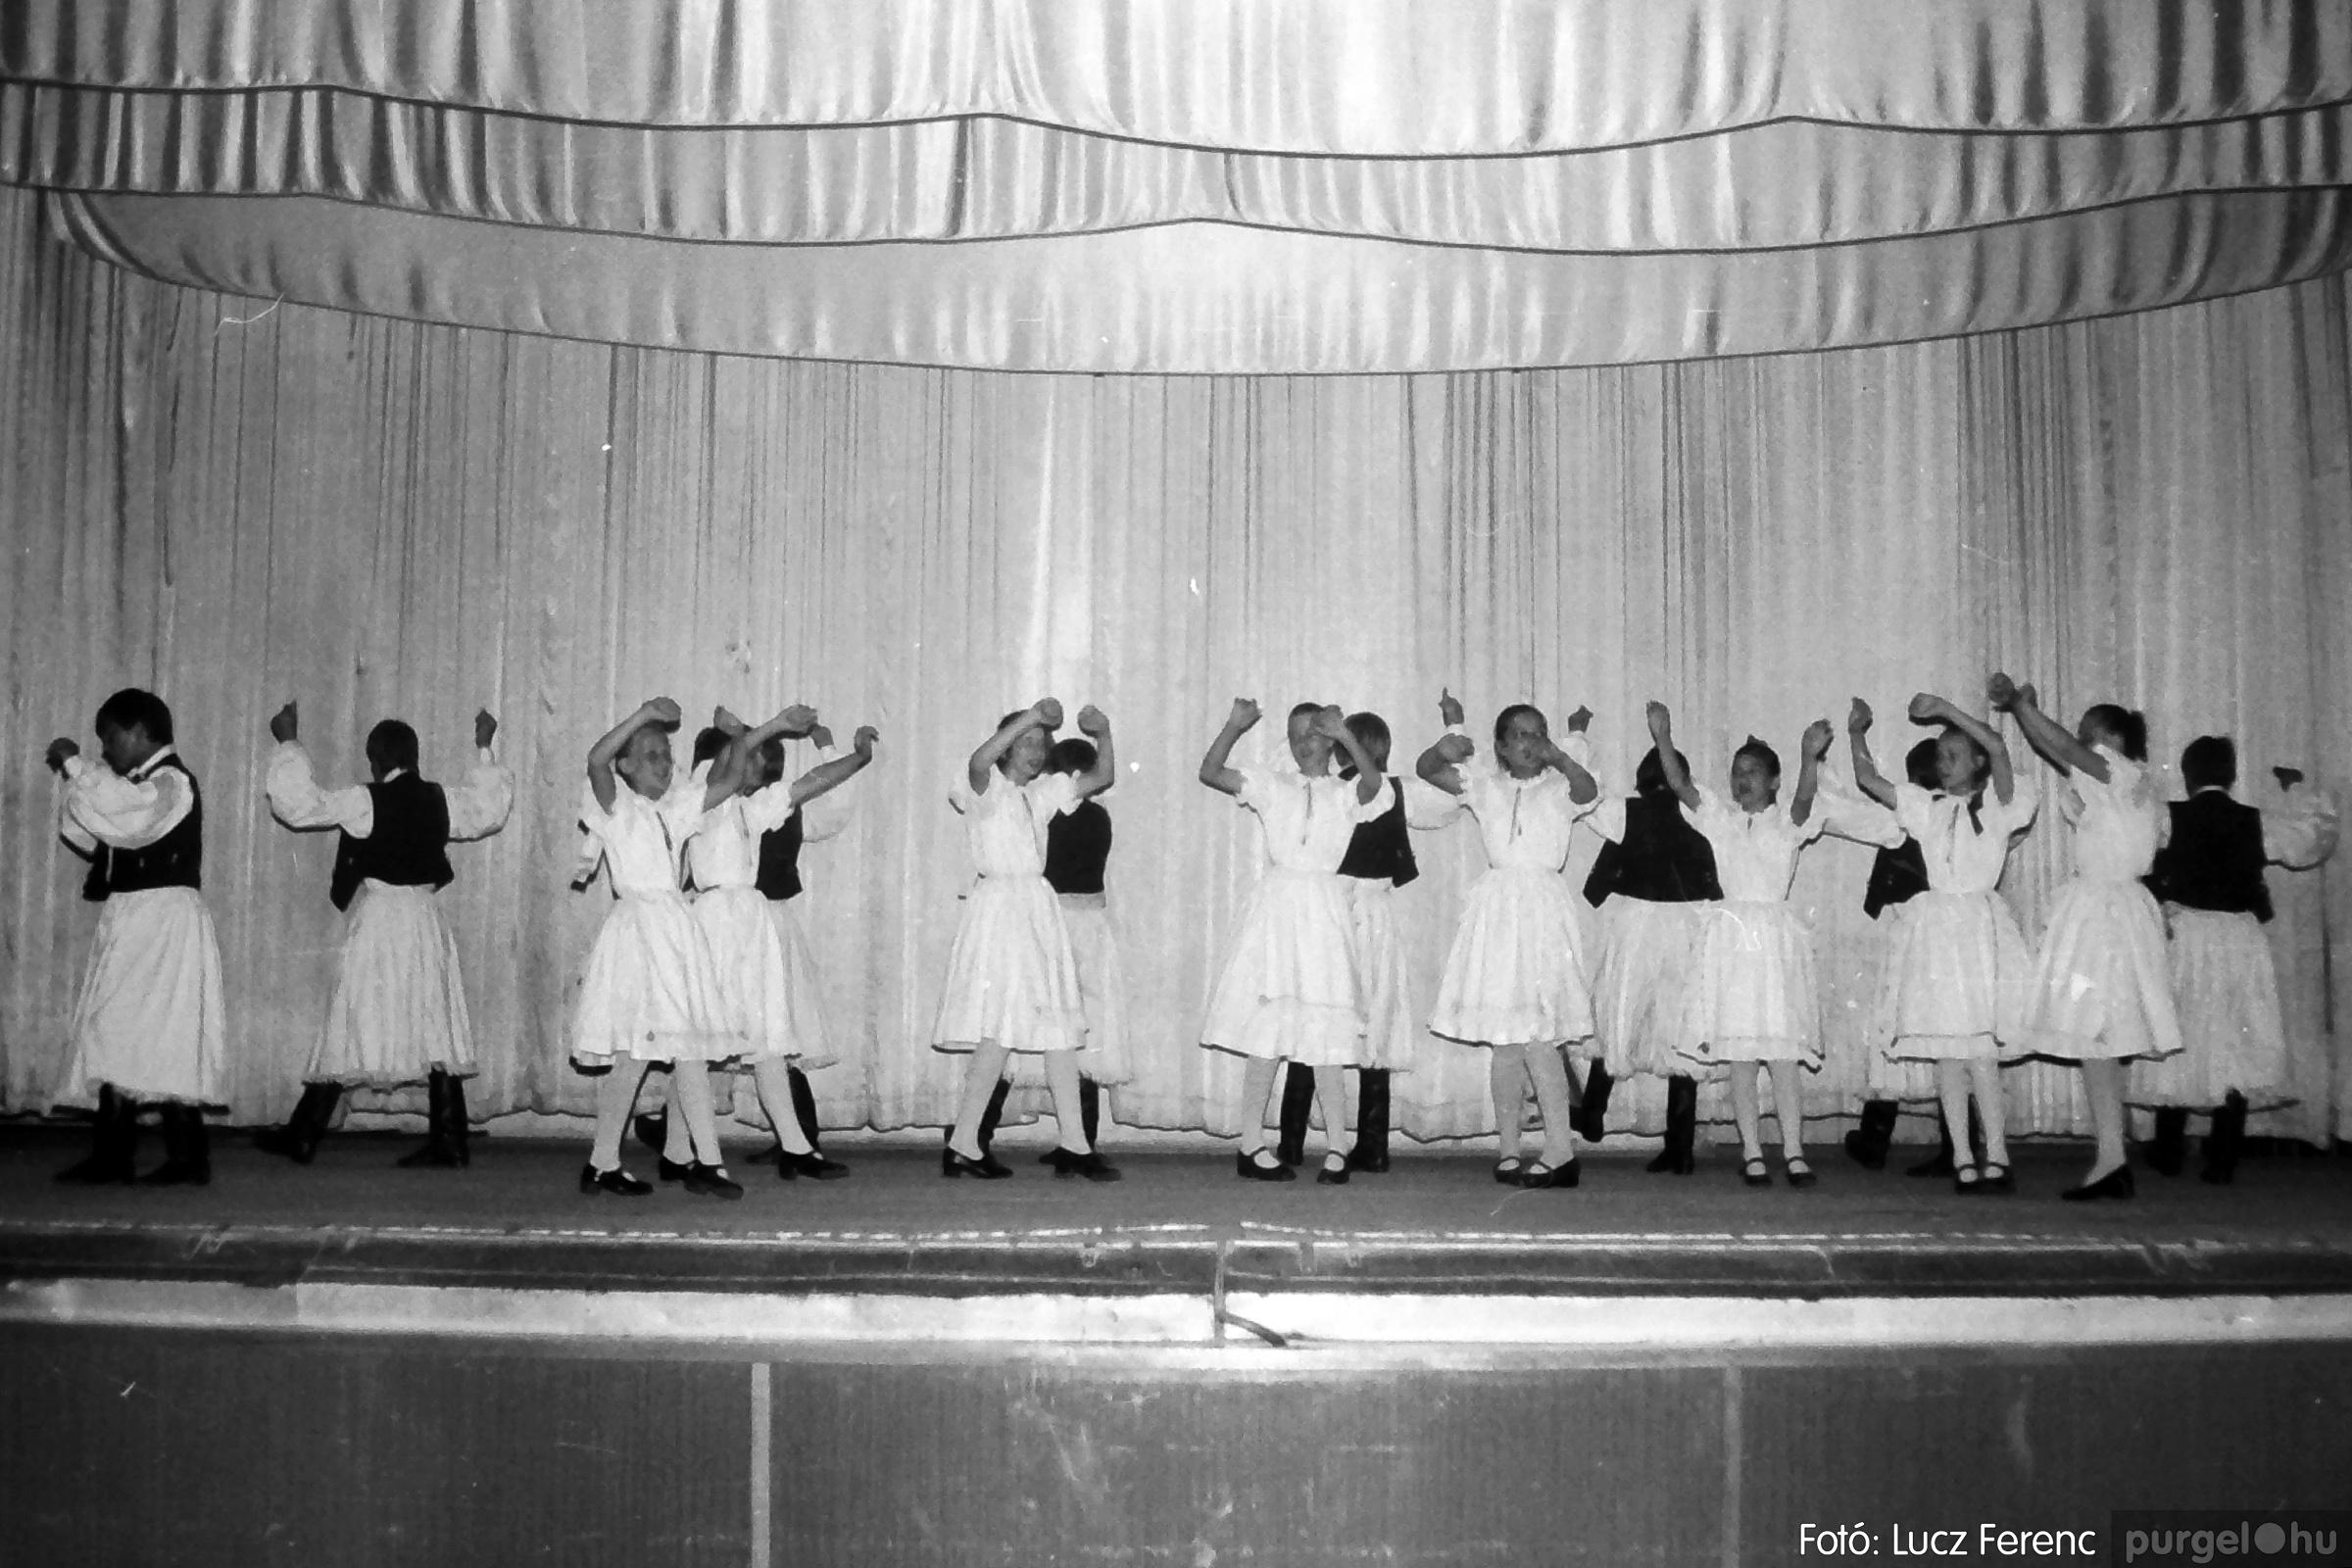 081. 1977. Néptáncosok fellépése a kultúrházban 009. - Fotó: Lucz Ferenc.jpg